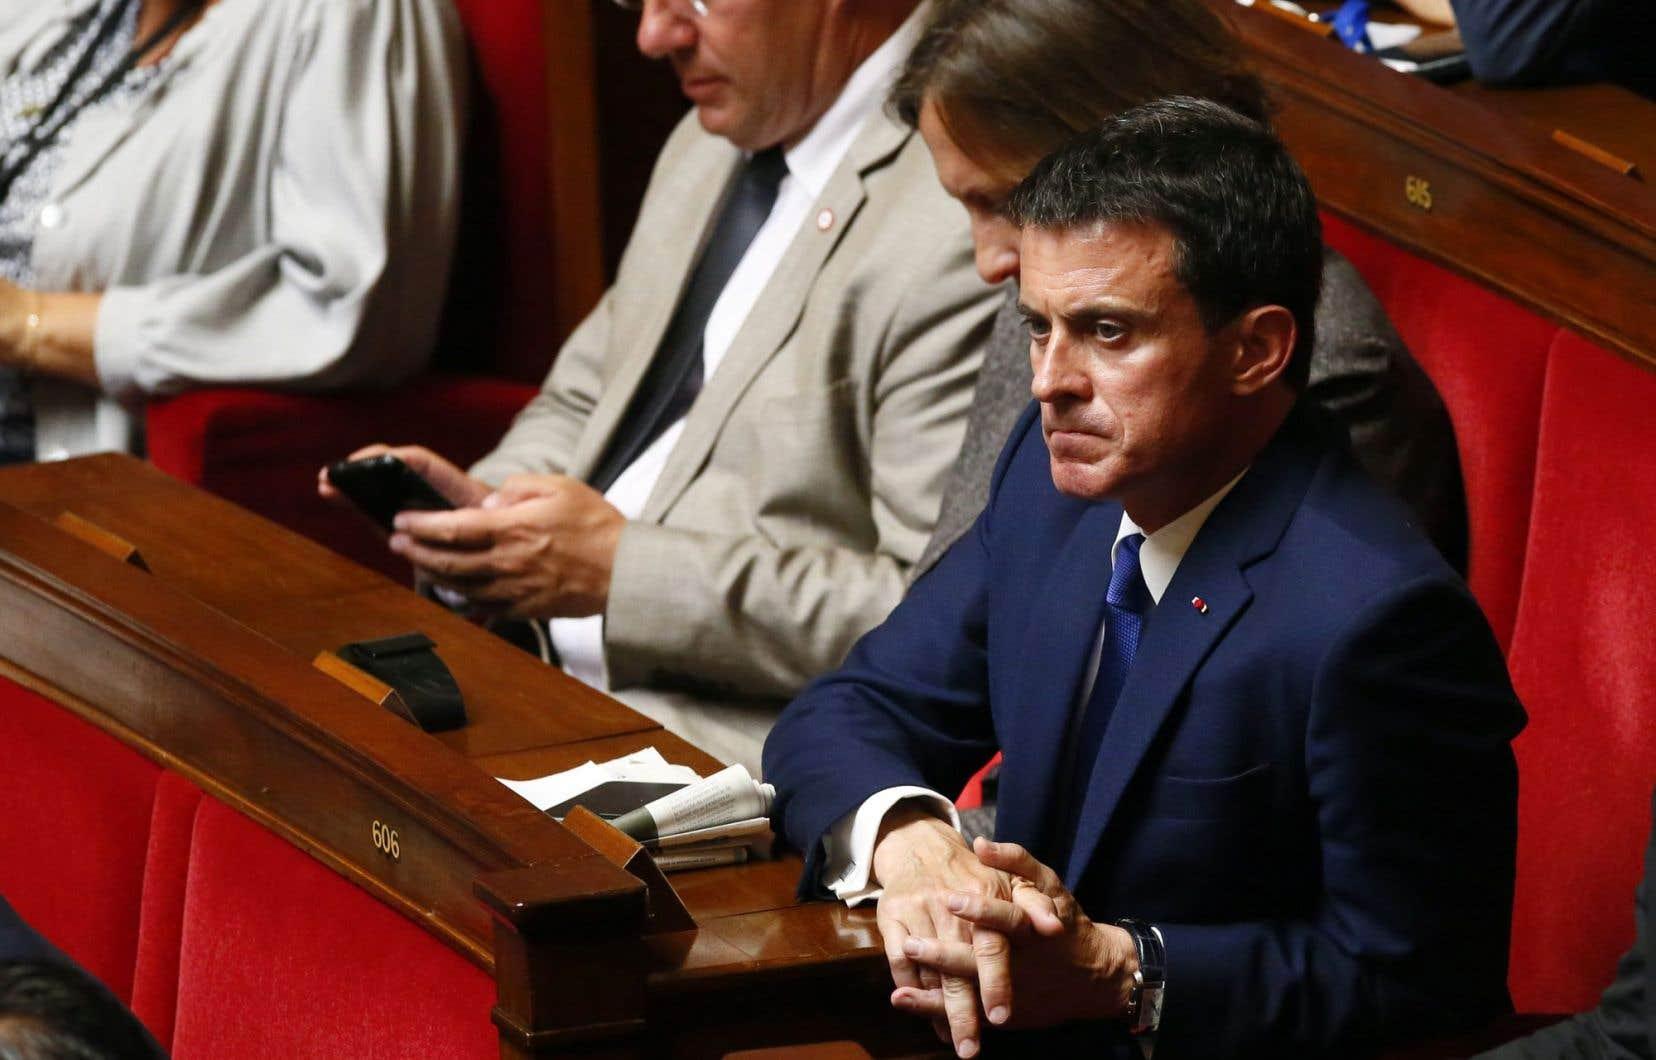 Après la débâcle socialiste à la présidentielle, Manuel Valls avait été l'un des premiers à prononcer l'oraison funèbre de la formation politique.